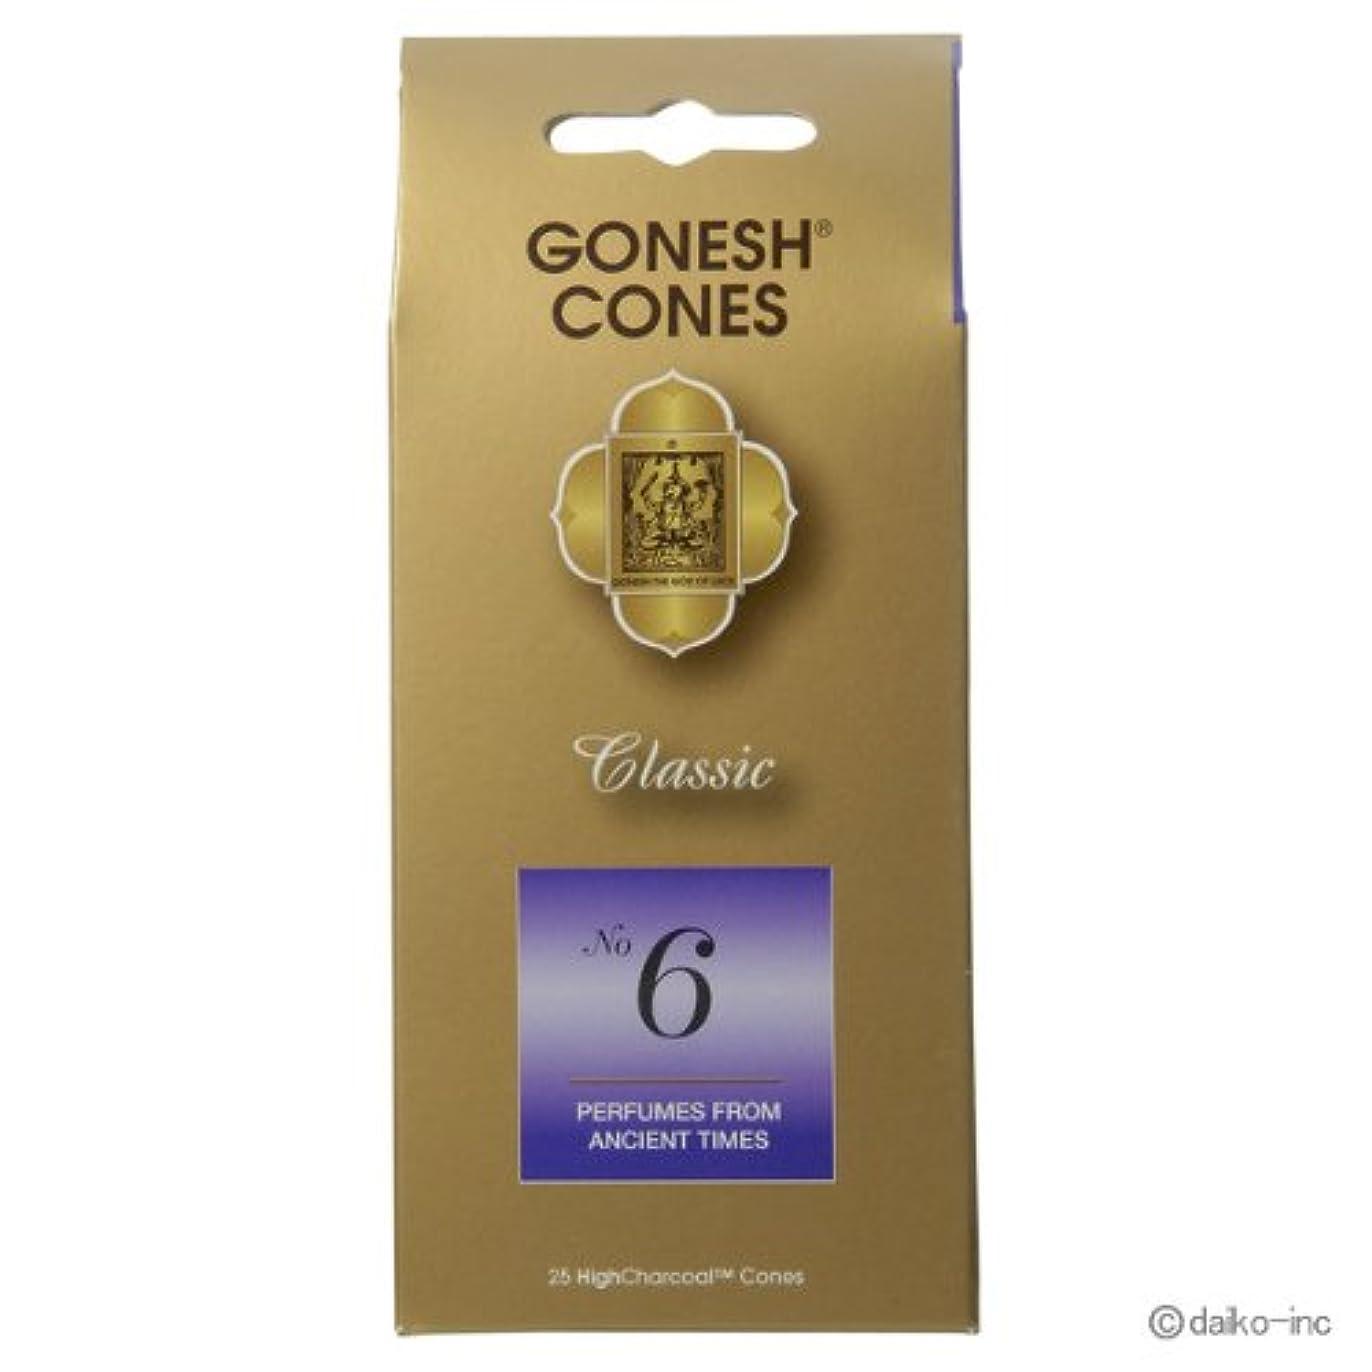 資本主義アラブペルメルガーネッシュ GONESH クラシック No.6 お香コーン25ヶ入 6個セット